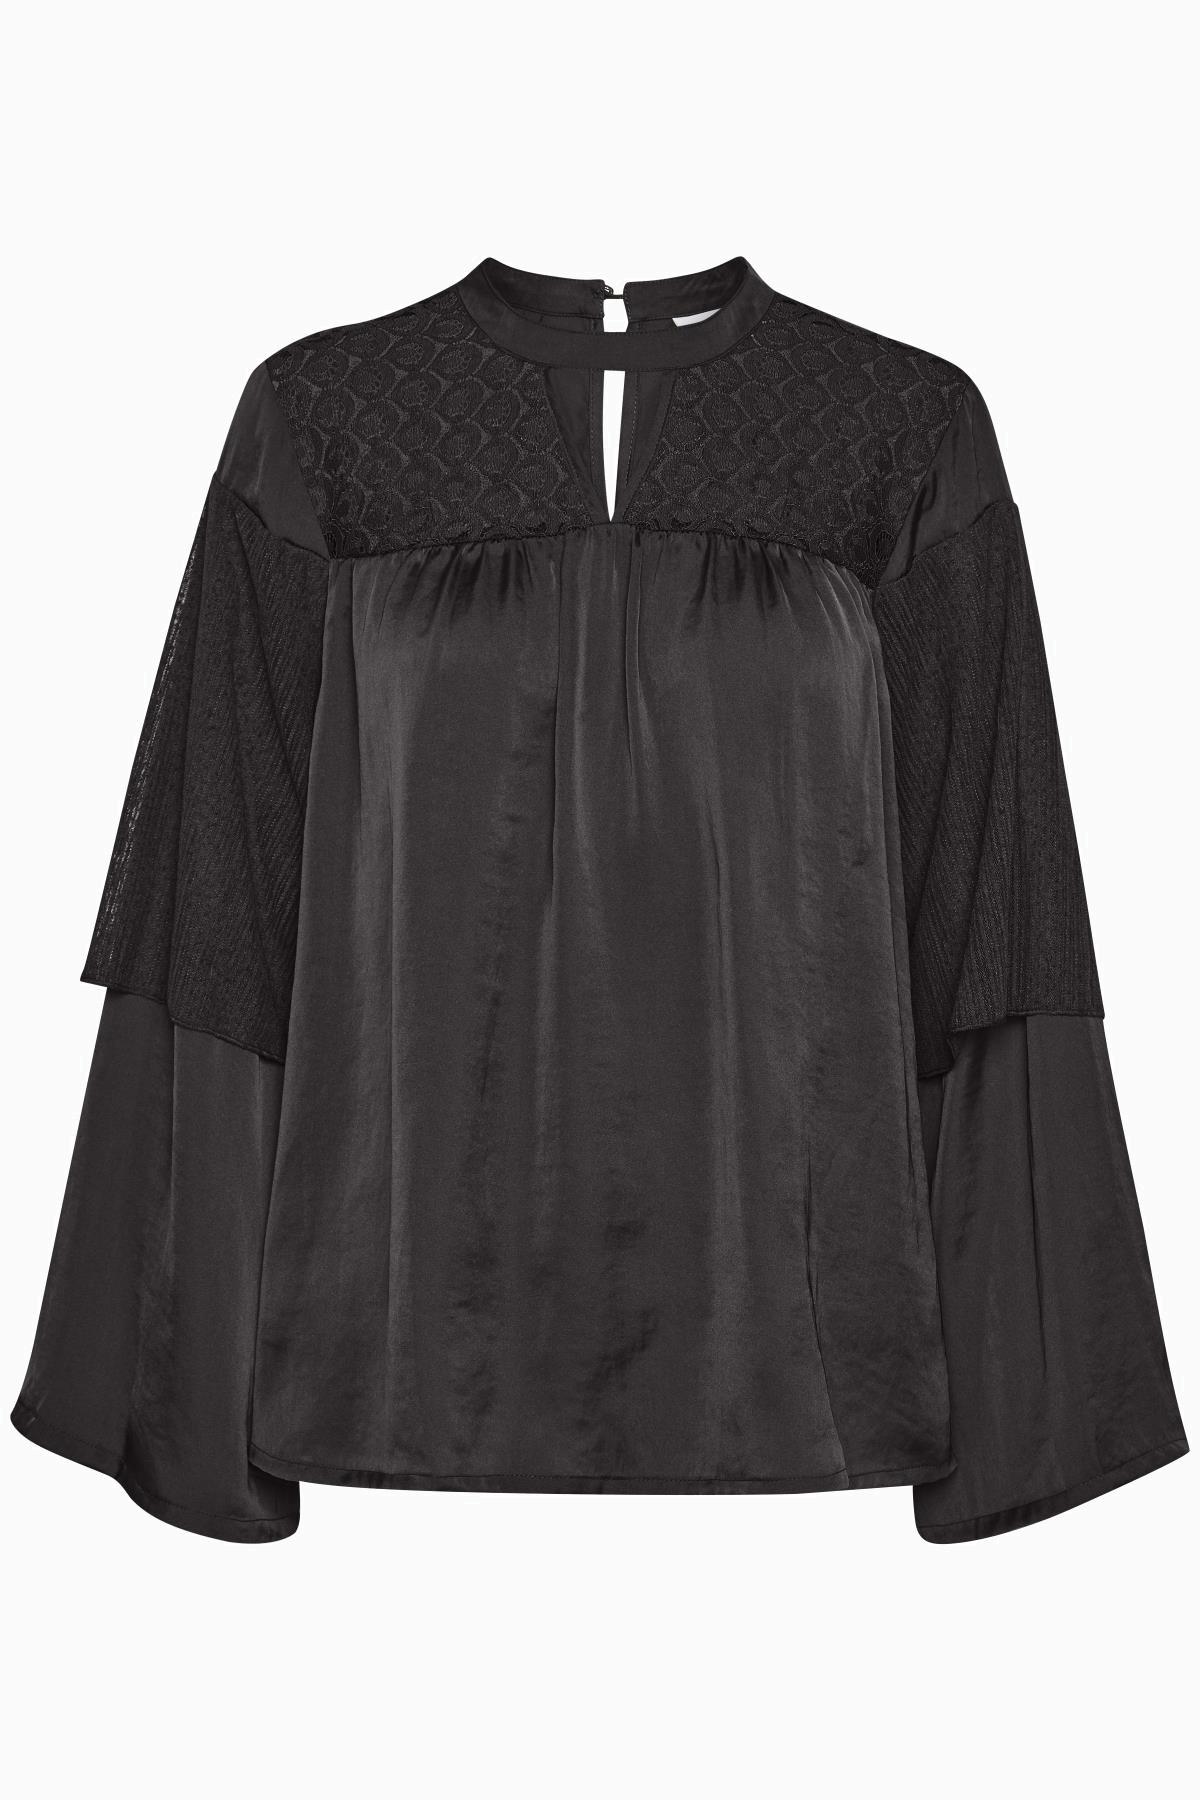 Schwarz Langarm-Bluse von Kaffe – Shoppen SieSchwarz Langarm-Bluse ab Gr. 34-46 hier